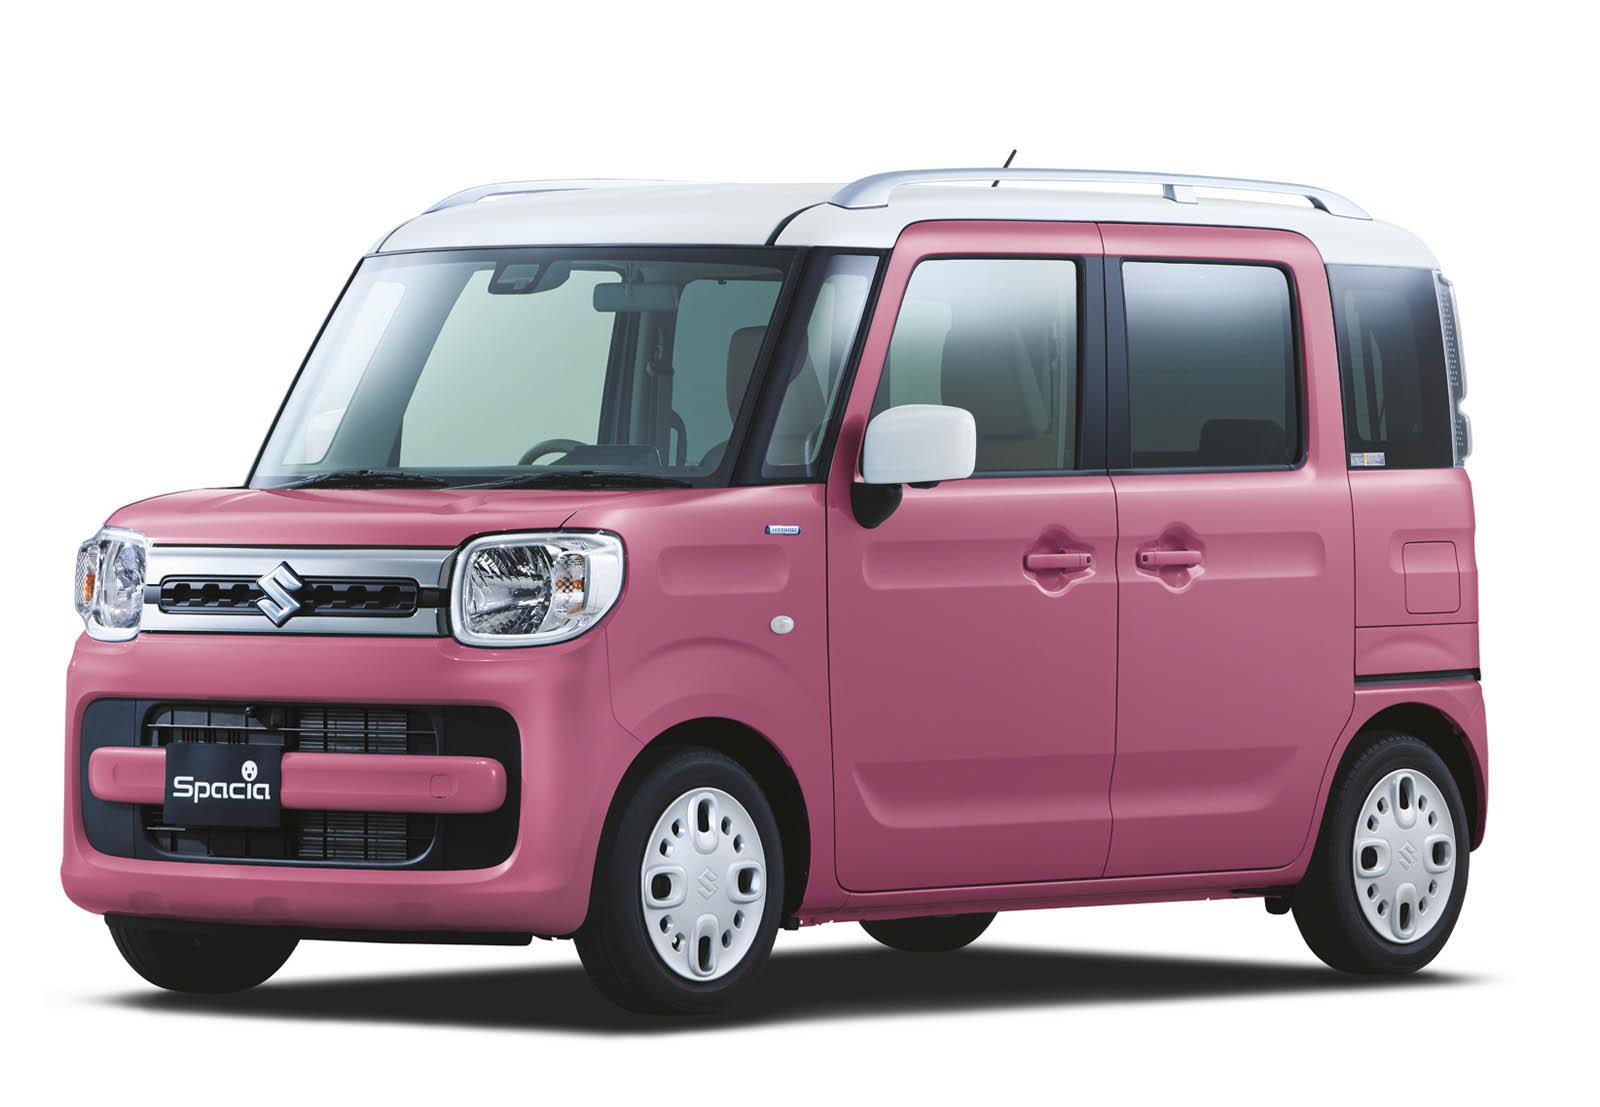 Suzuki Spacia 2018 (5)